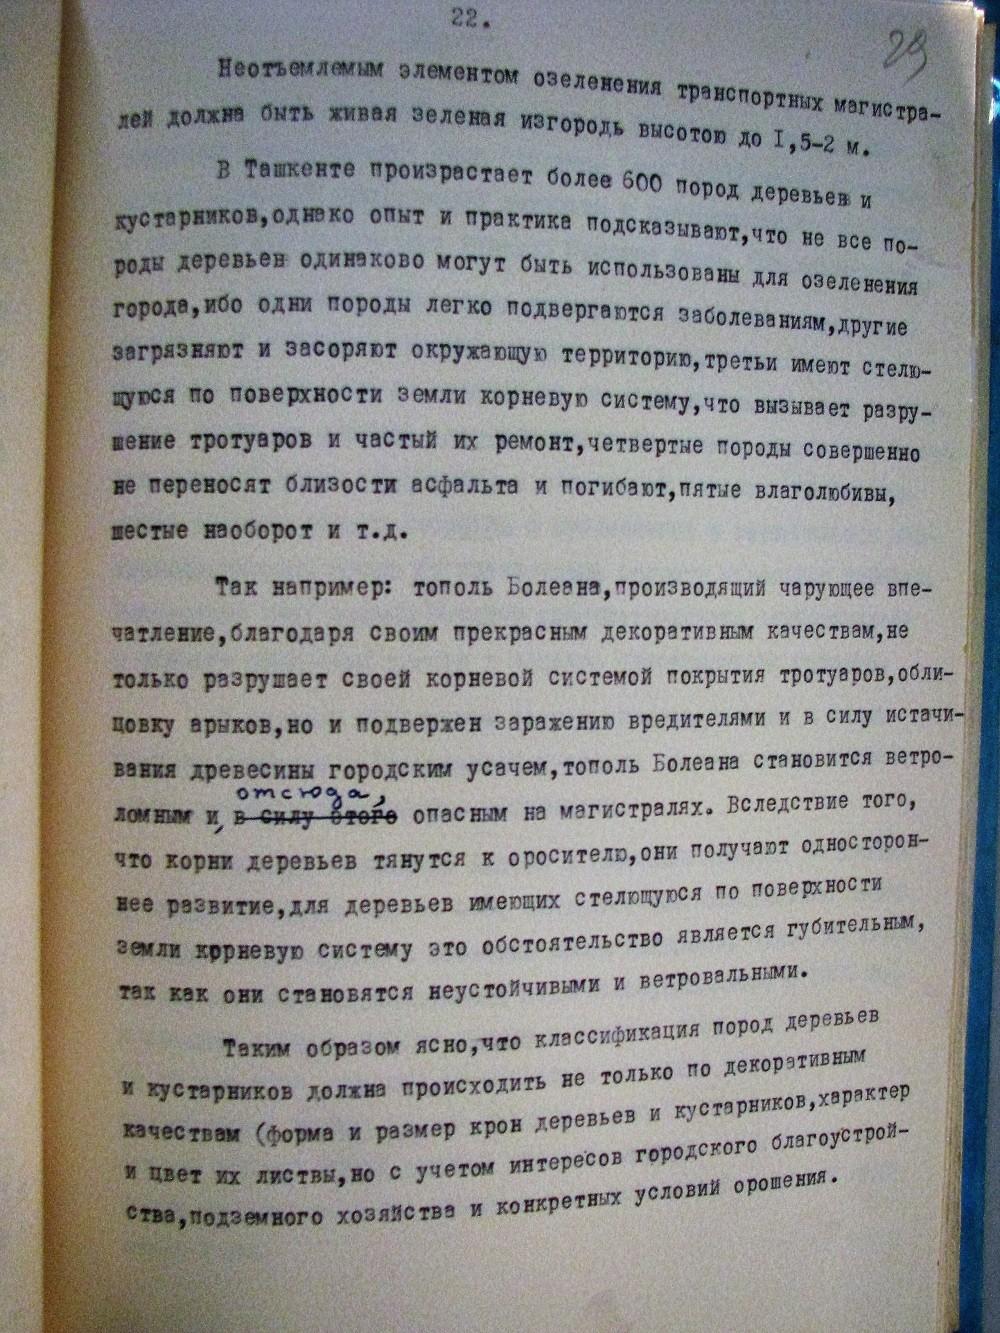 tashkent-1960-29